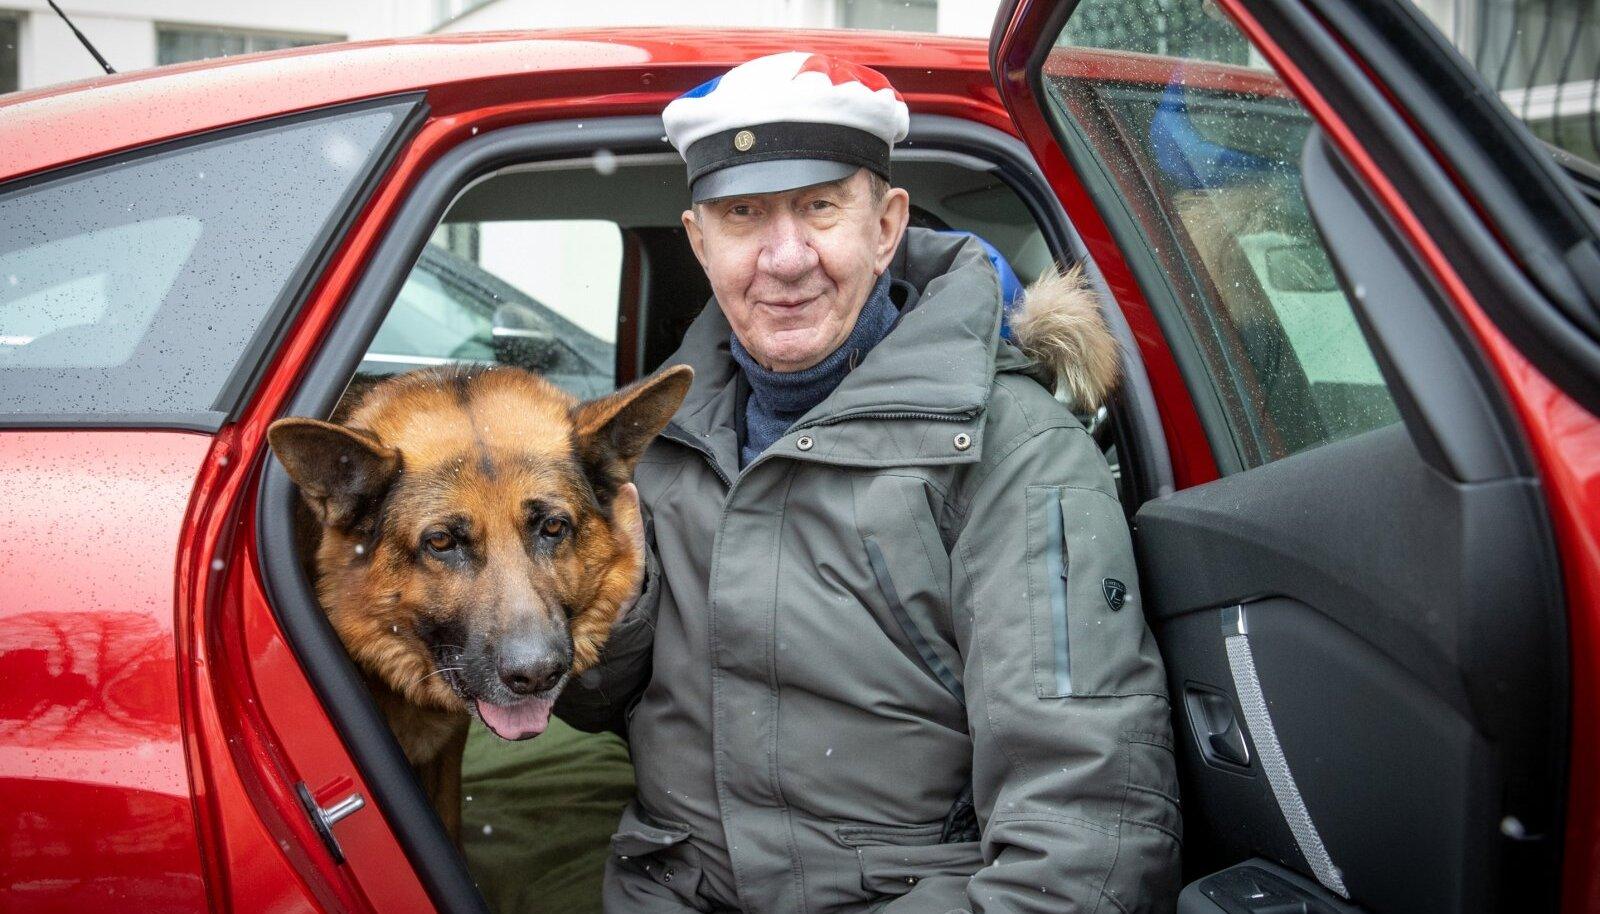 Lauri Leesi ostis hiljuti Taavile uue auto, et oleks toredam koos linnast välja jalutama sõita. Enda pärast poleks tal tarvis autot pidada.